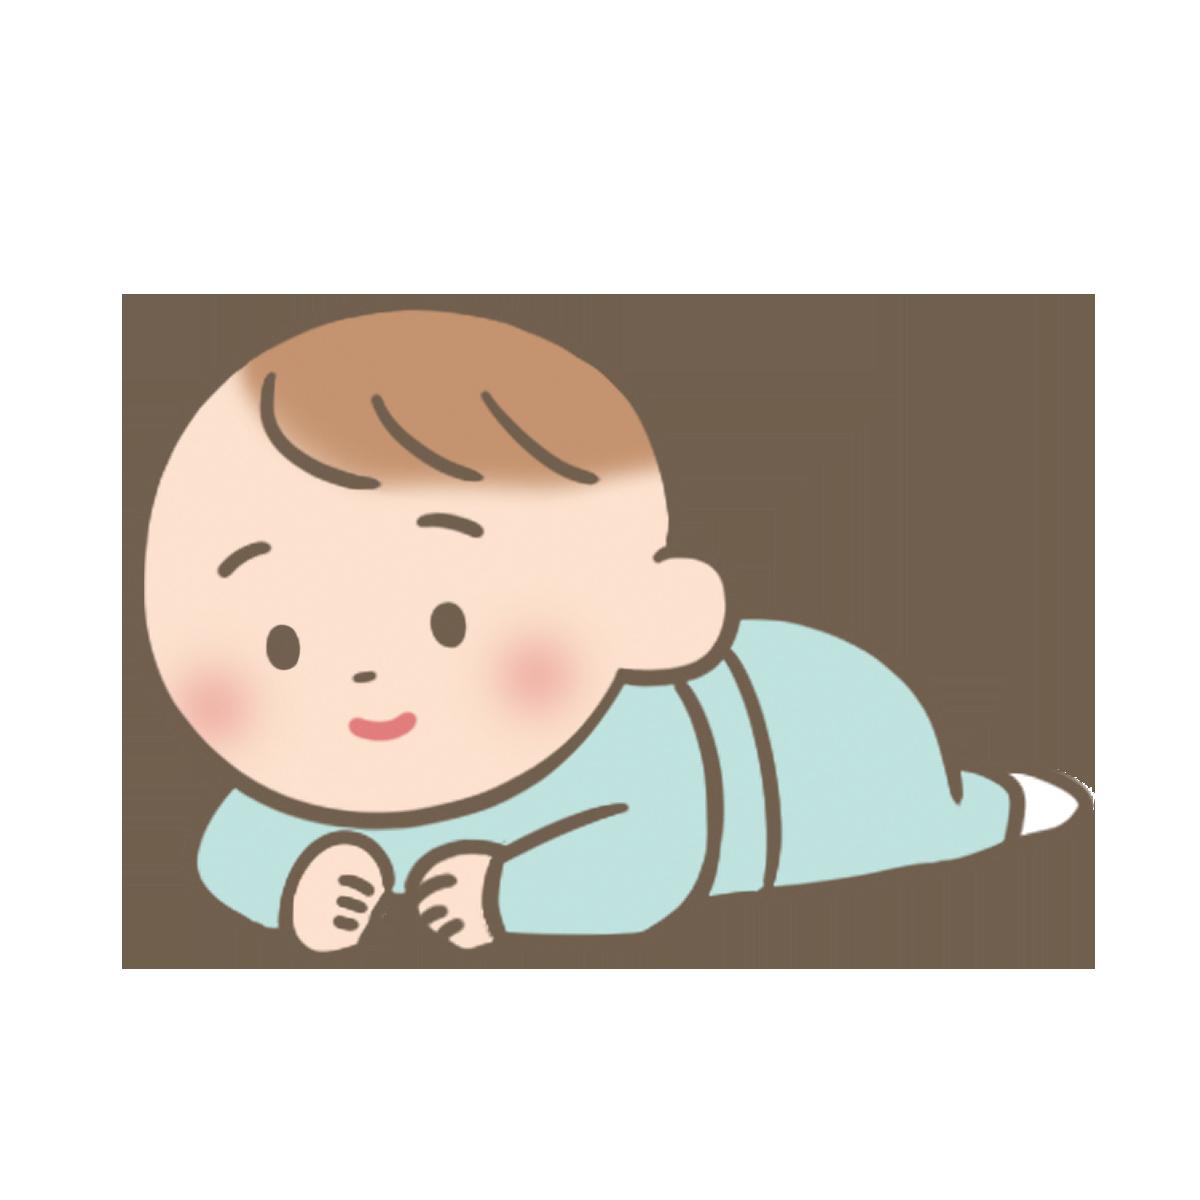 うつぶせで顔を上げている赤ちゃんのイラストフリー素材看護roo